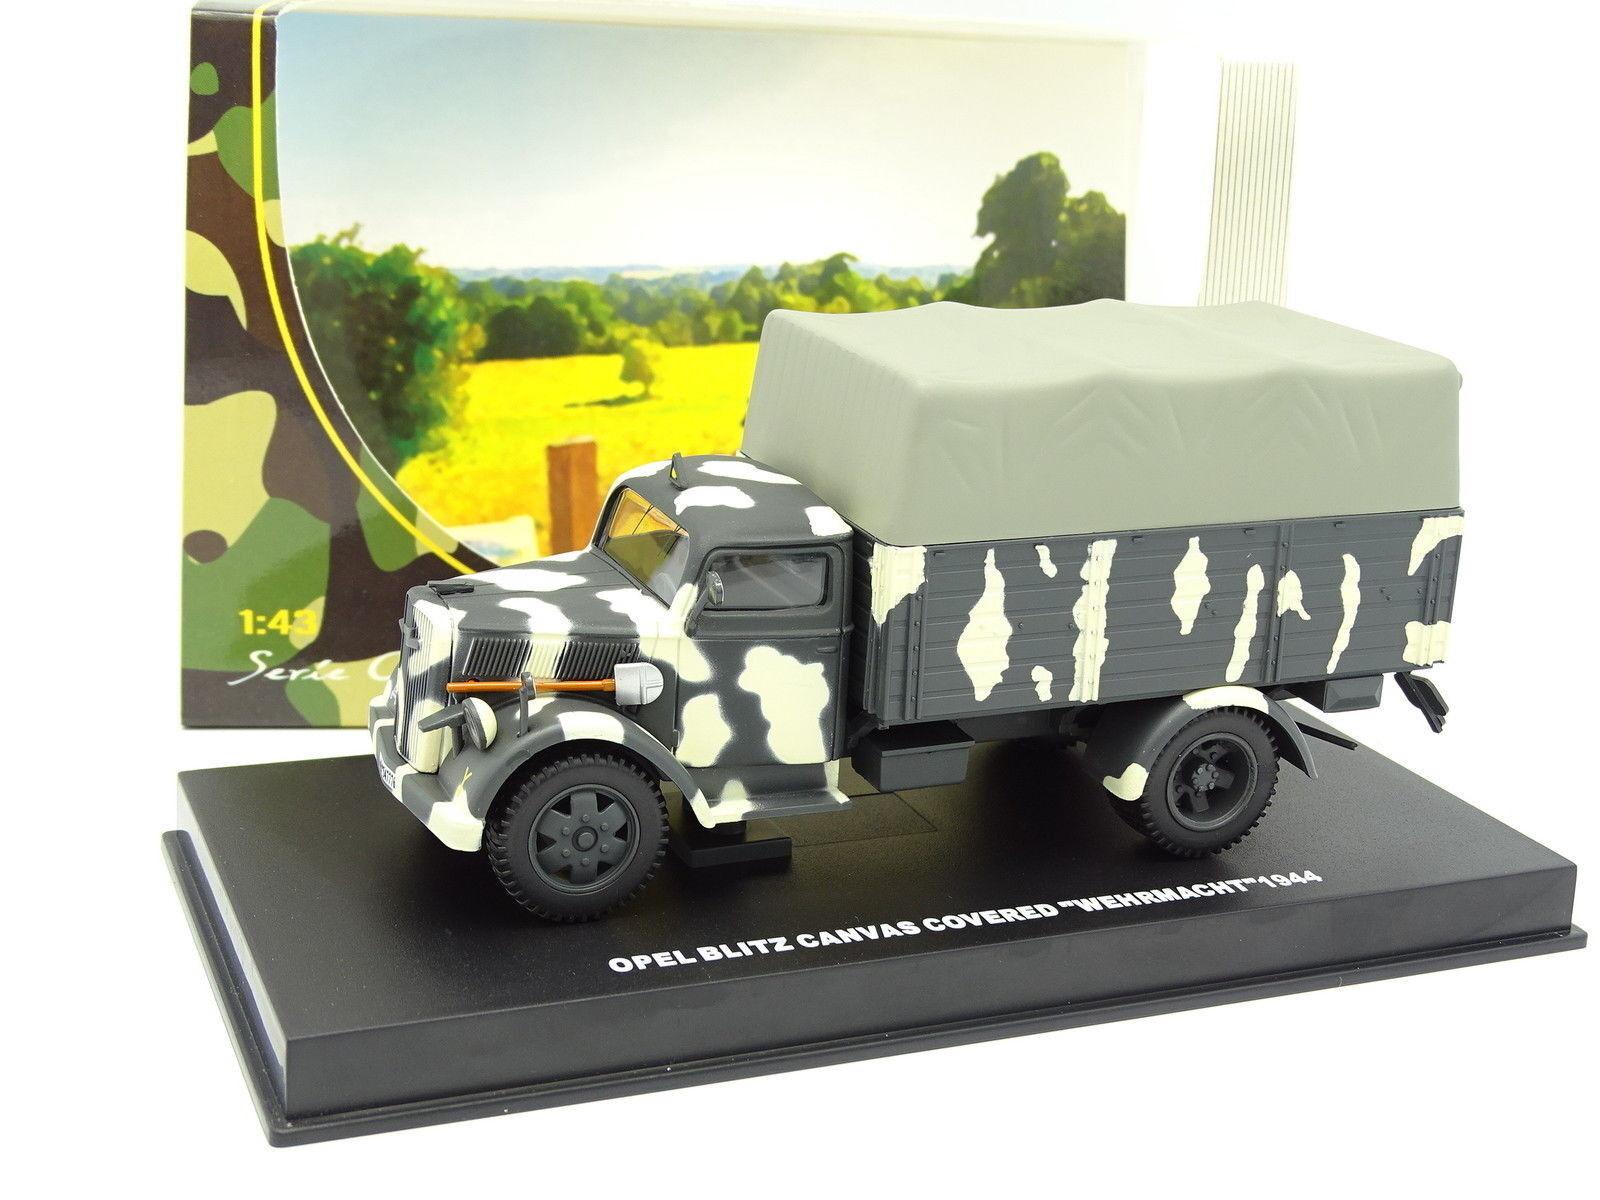 Edison Militaire 1 43 - Opel Blitz Wehrmacht 1944